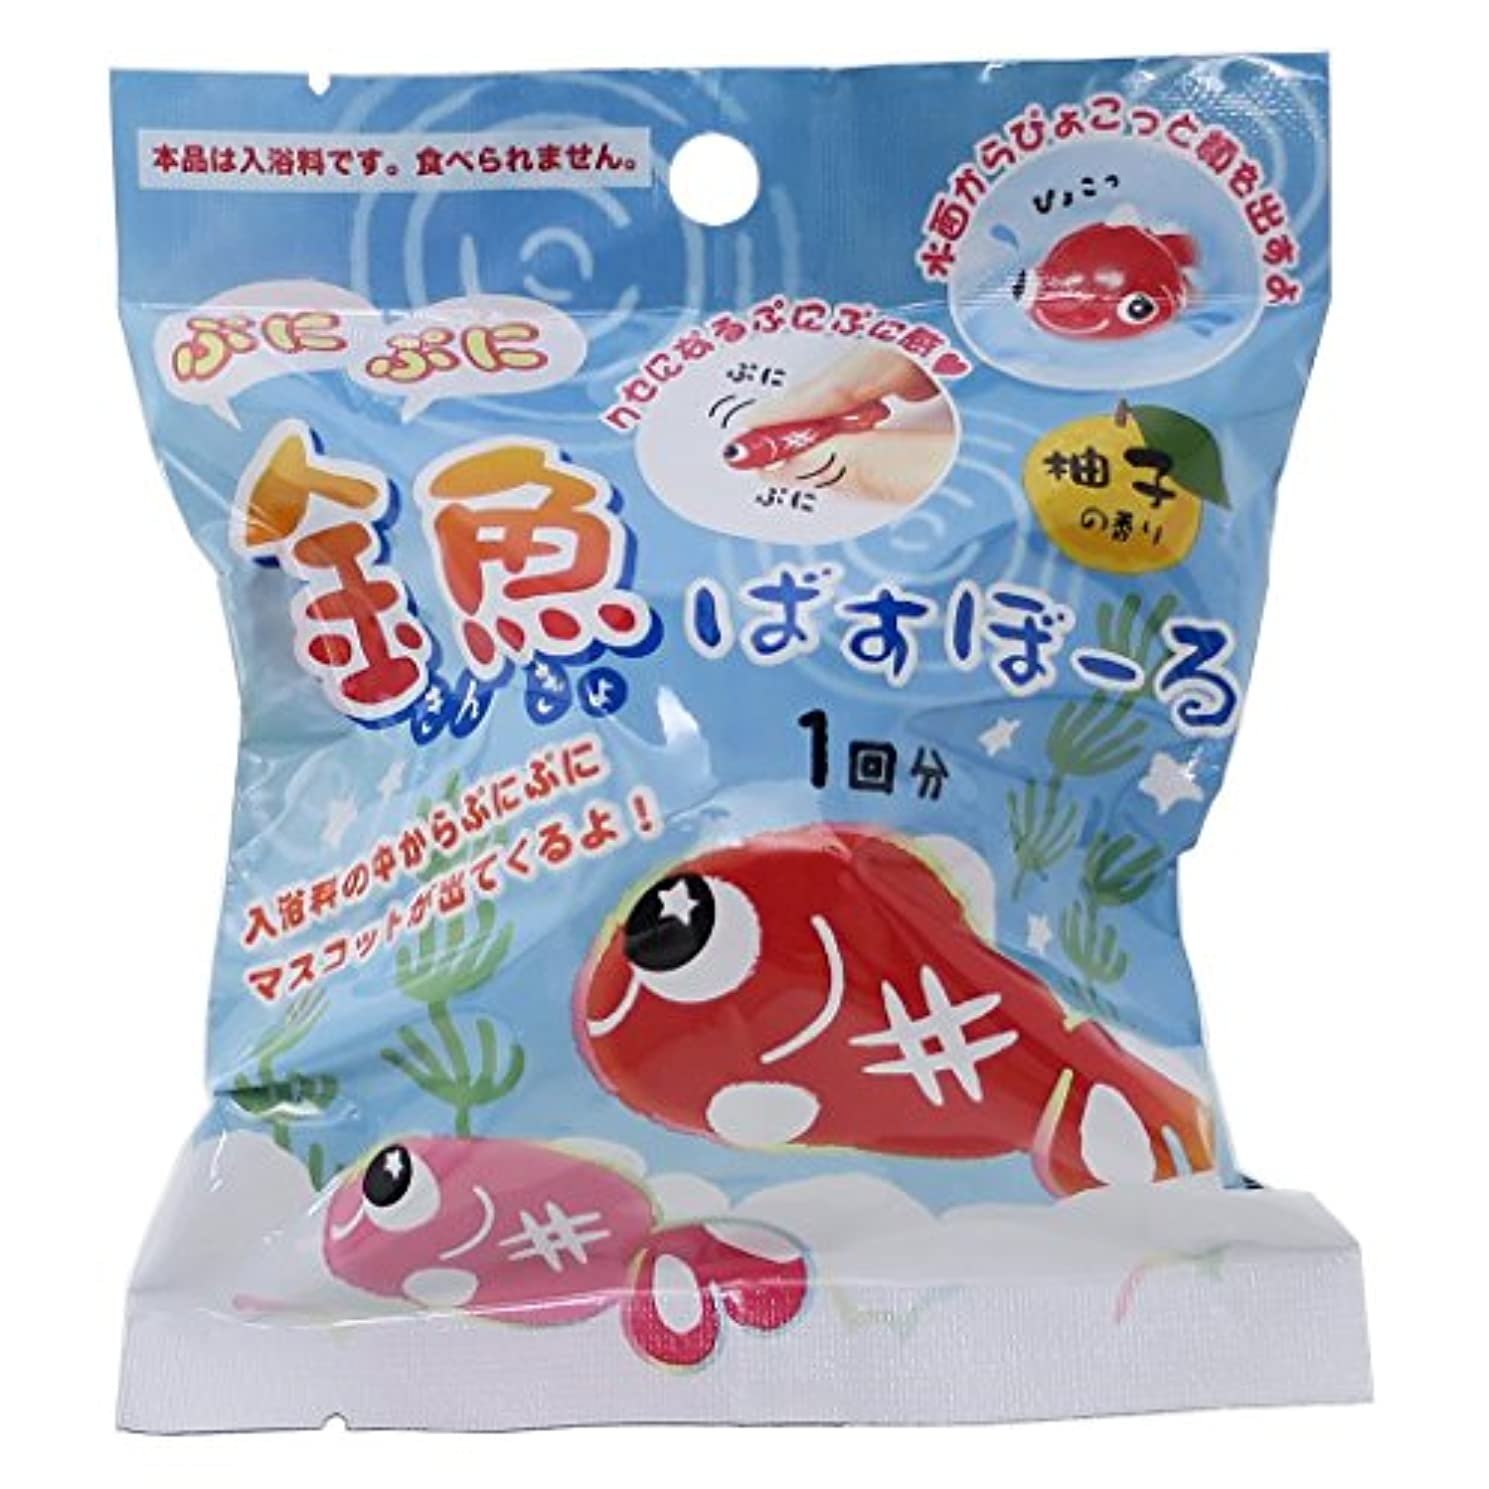 パンフレット鉛憂慮すべきぷにぷに金魚バスボール 柚子の香り 80g 1個入